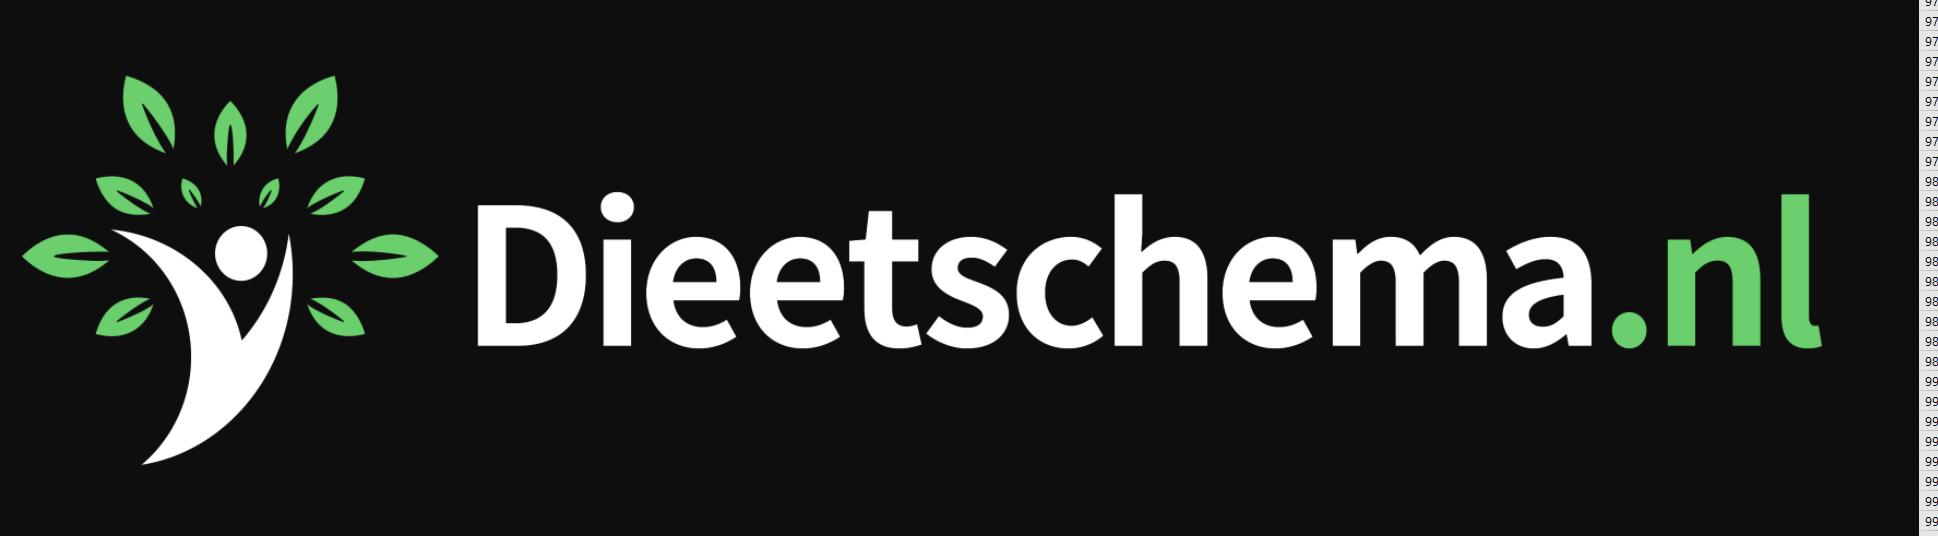 Dieetschema.nl review